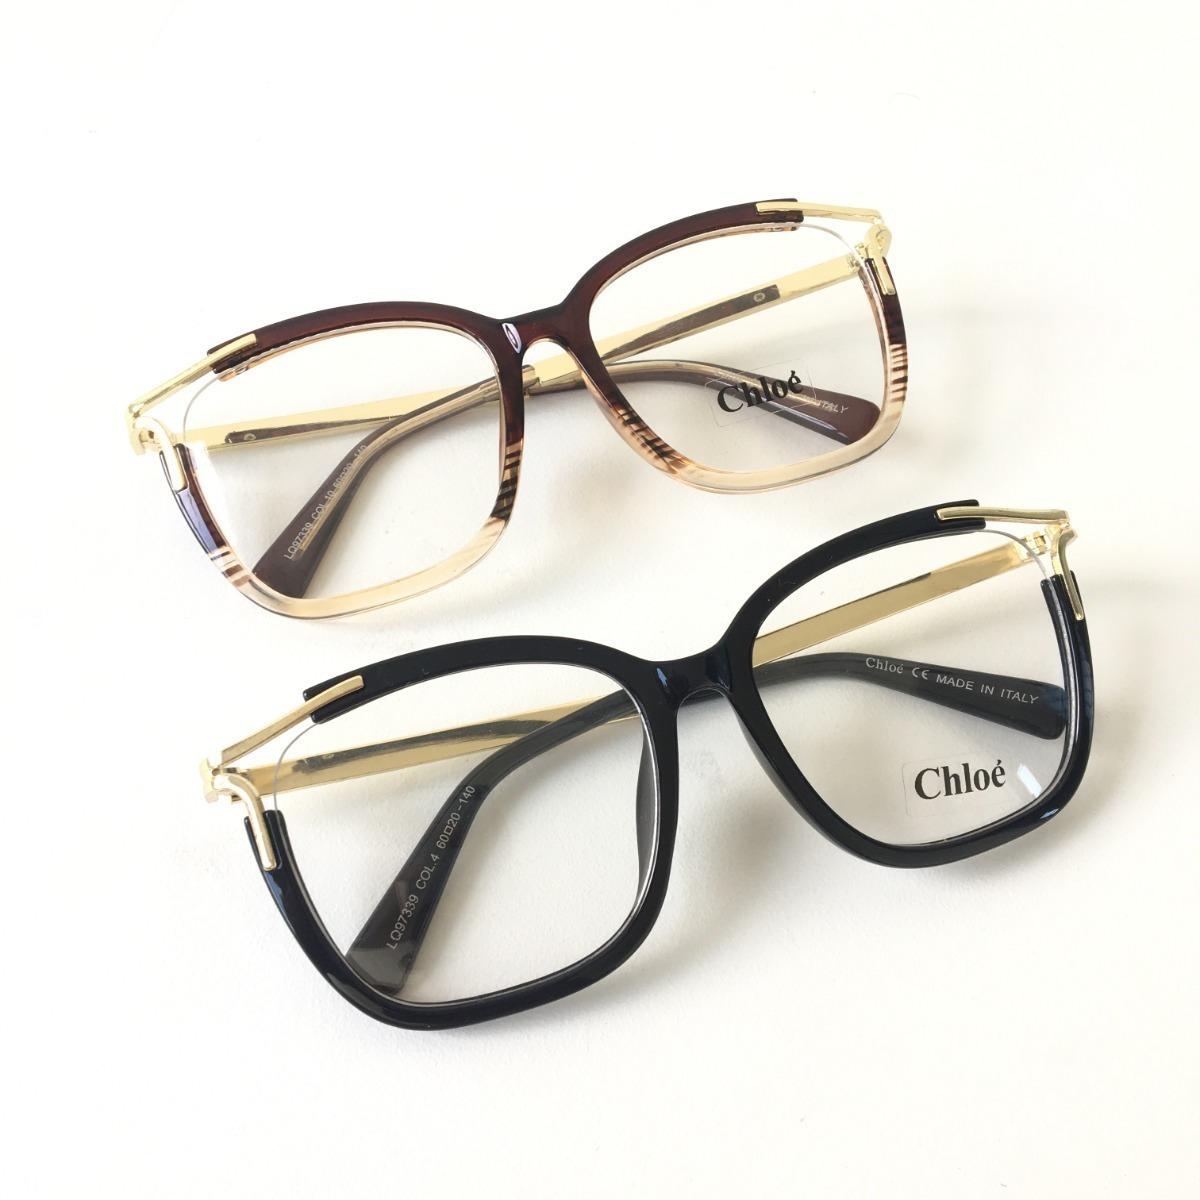 296f5dabbed6a oculos grau armação feminino retrô vintage barato masculino. Carregando zoom .